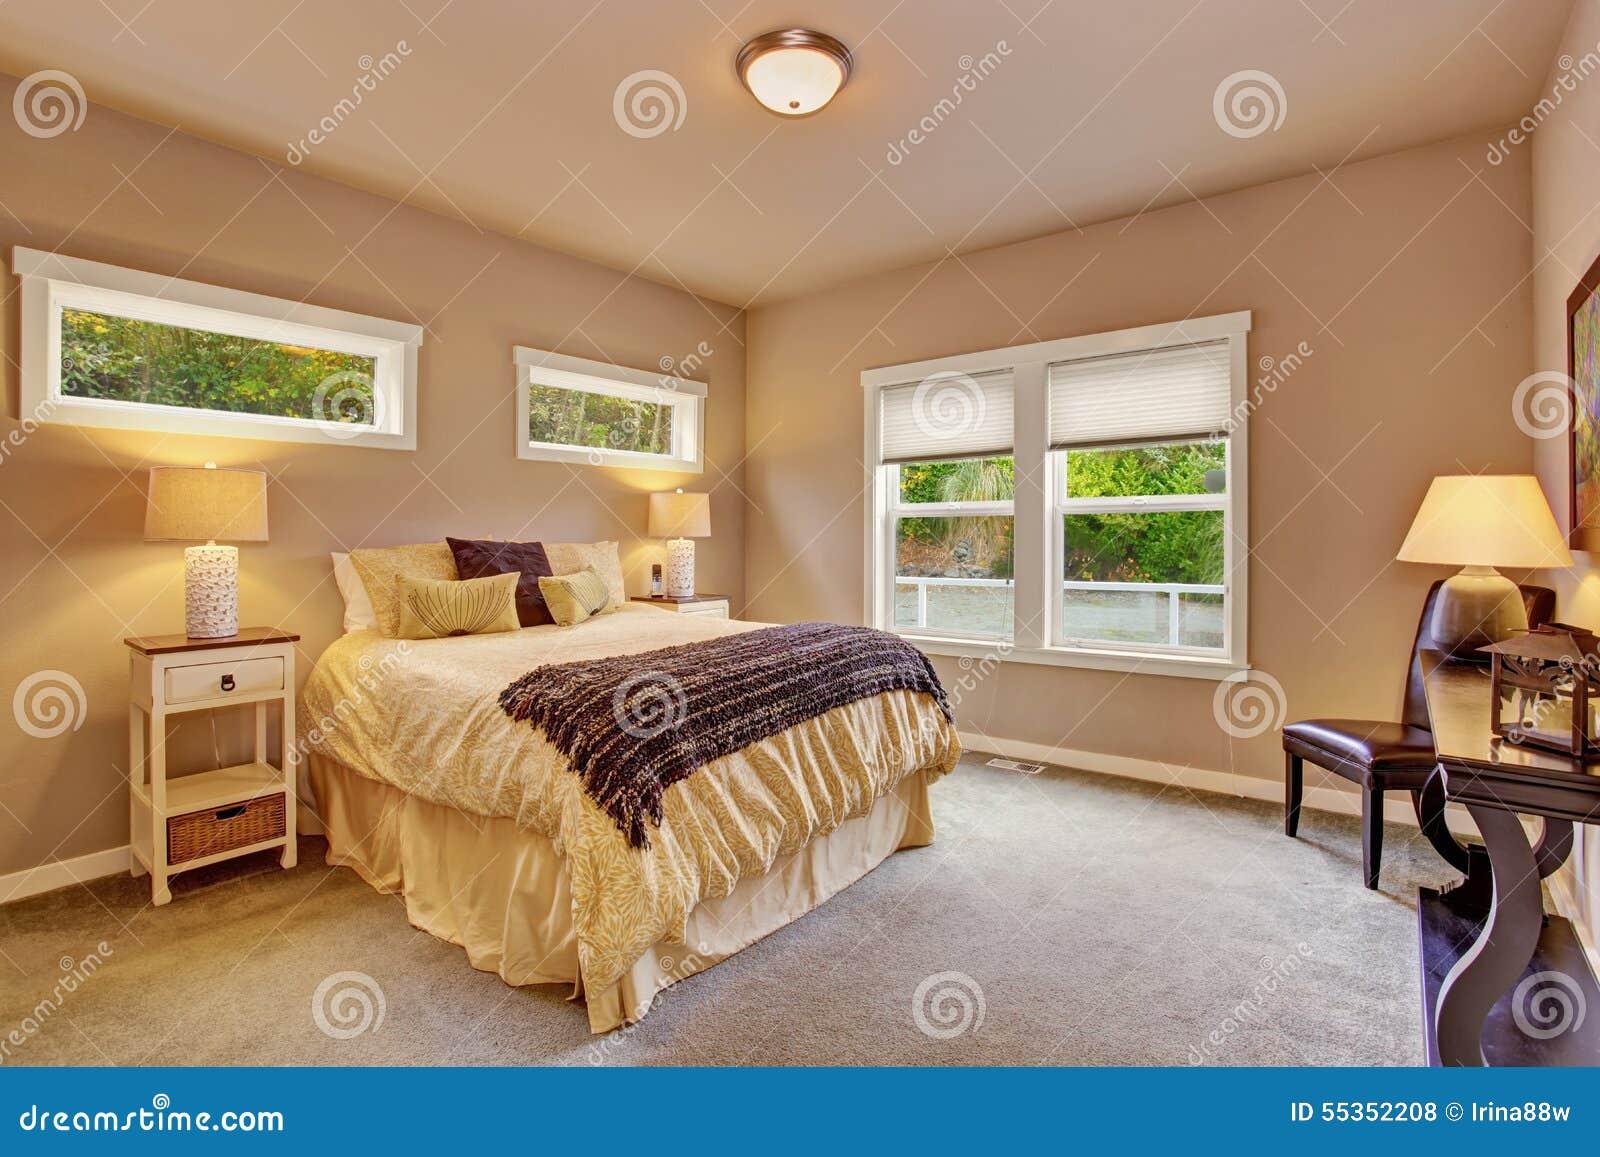 Camera da letto luminosa con tappeto e le finestre